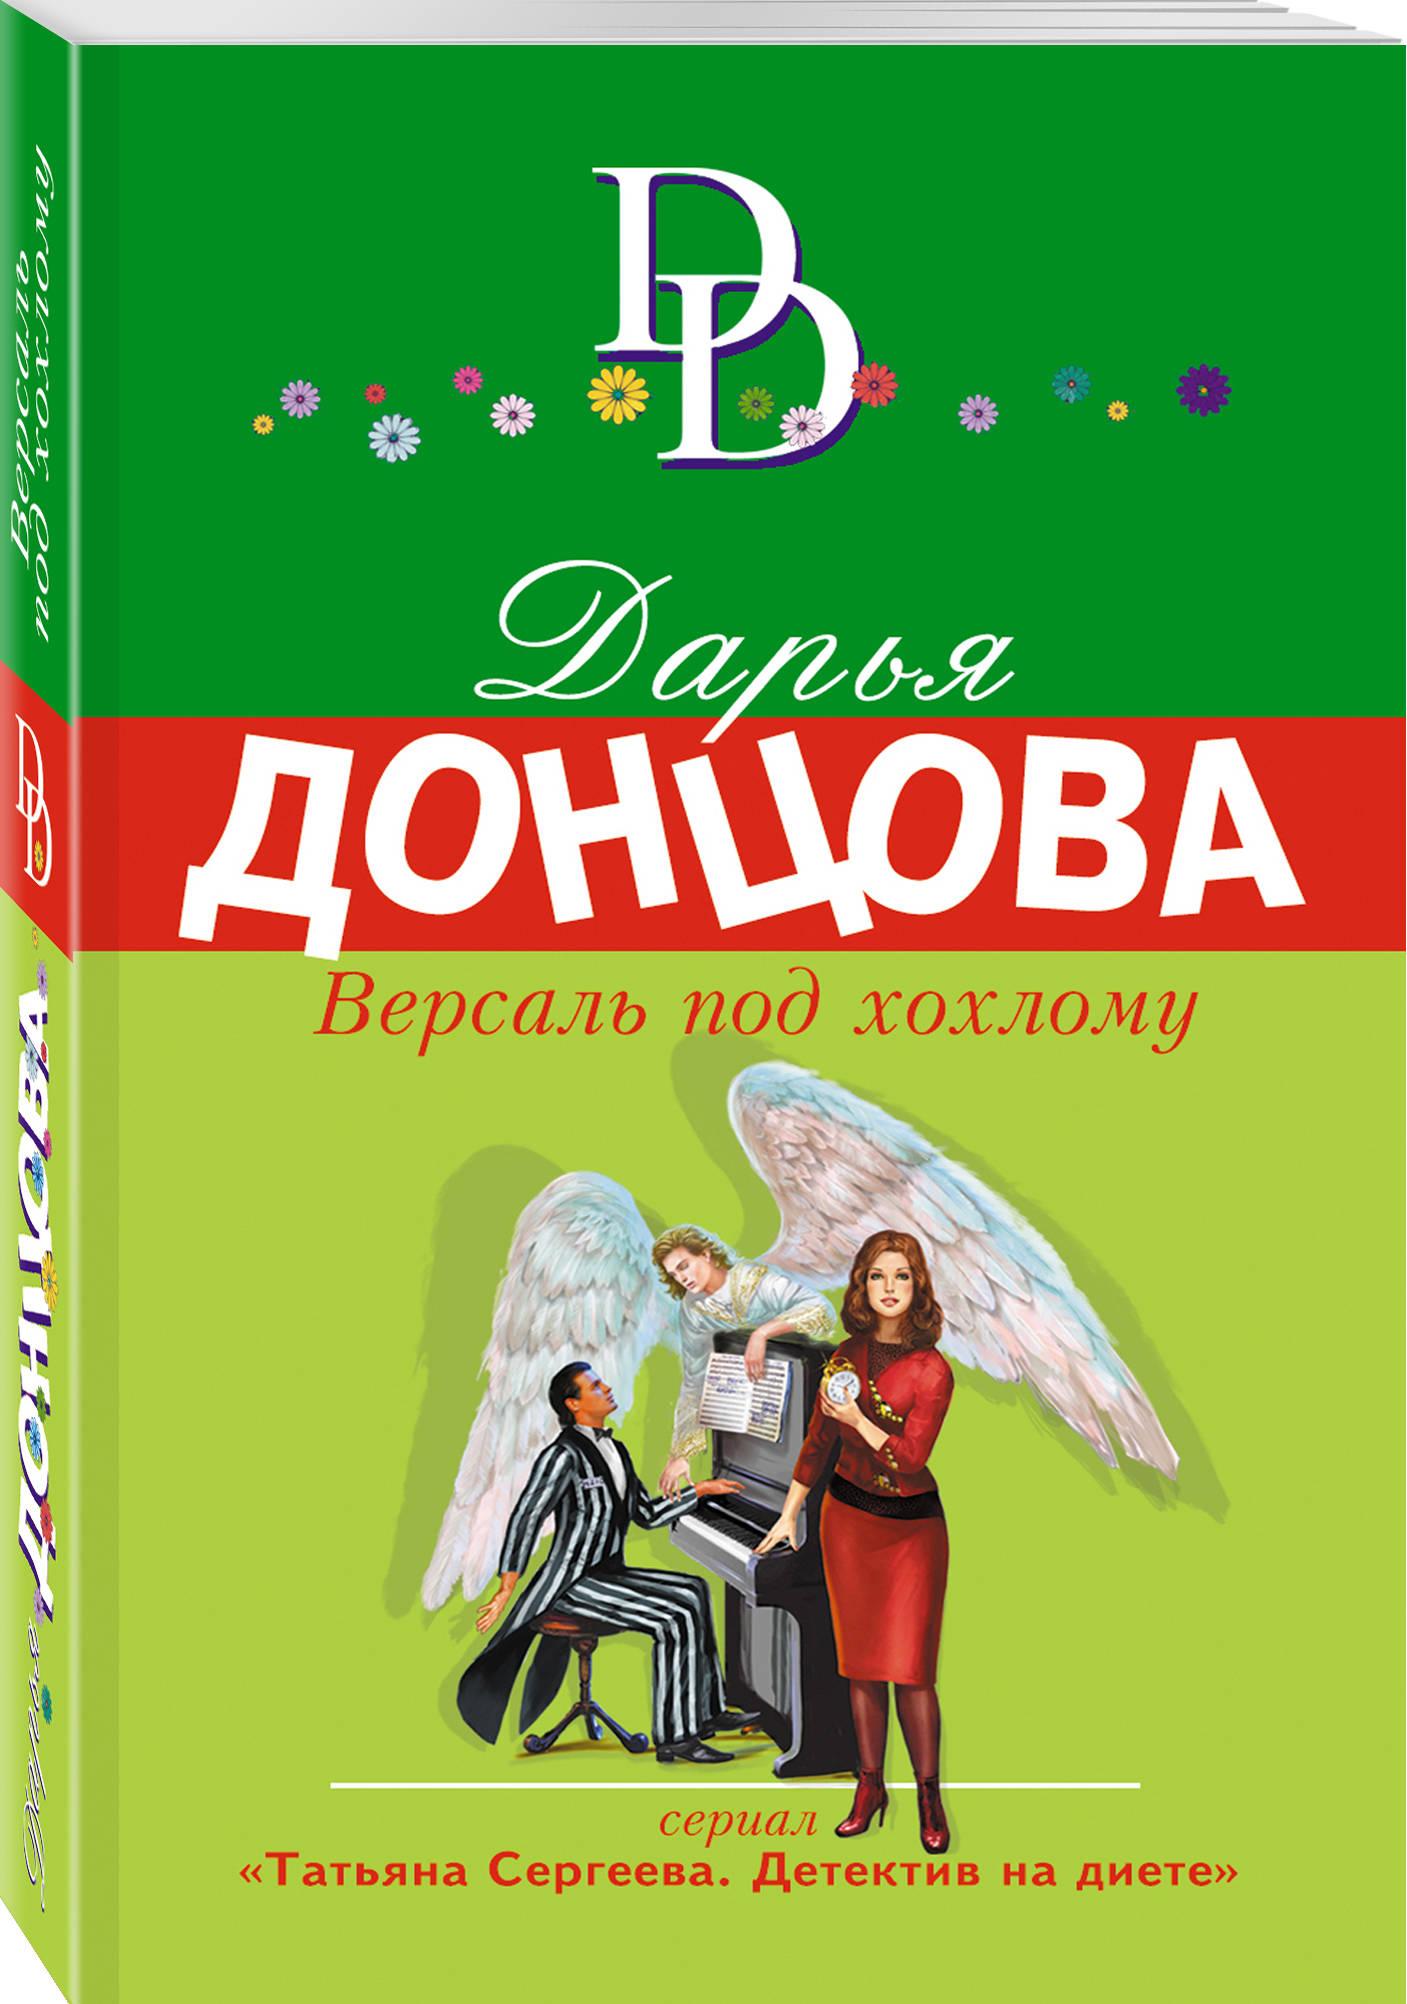 Донцова Дарья Аркадьевна Версаль под хохлому